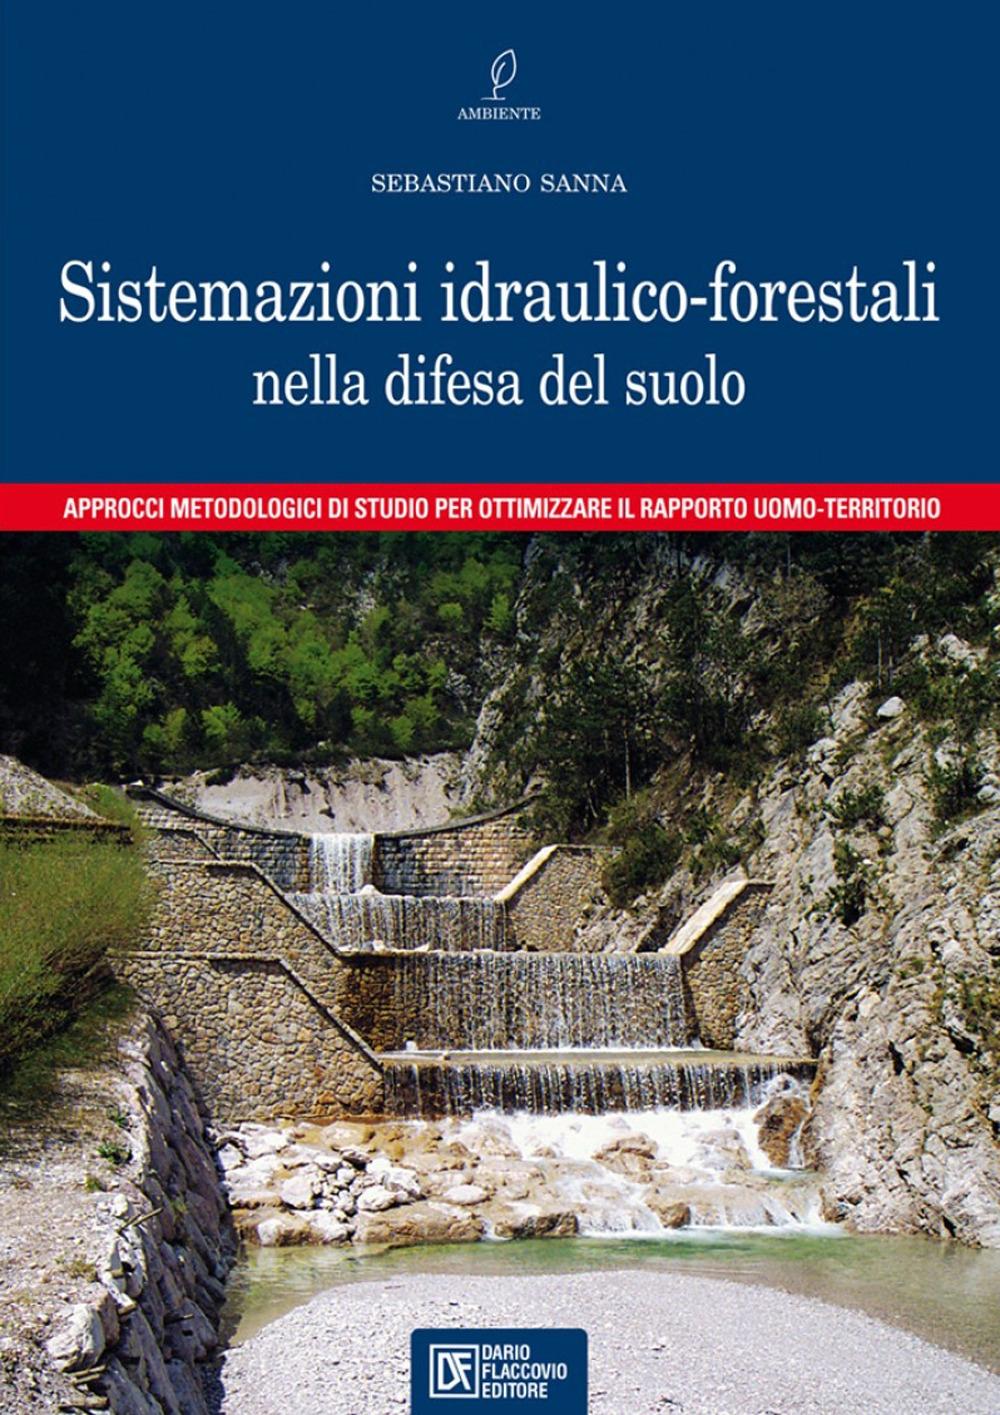 Le sistemazioni idraulico-forestali nella difesa del suolo. Approcci metodologici di studio per ottimizzare il rapporto uomo-territorio